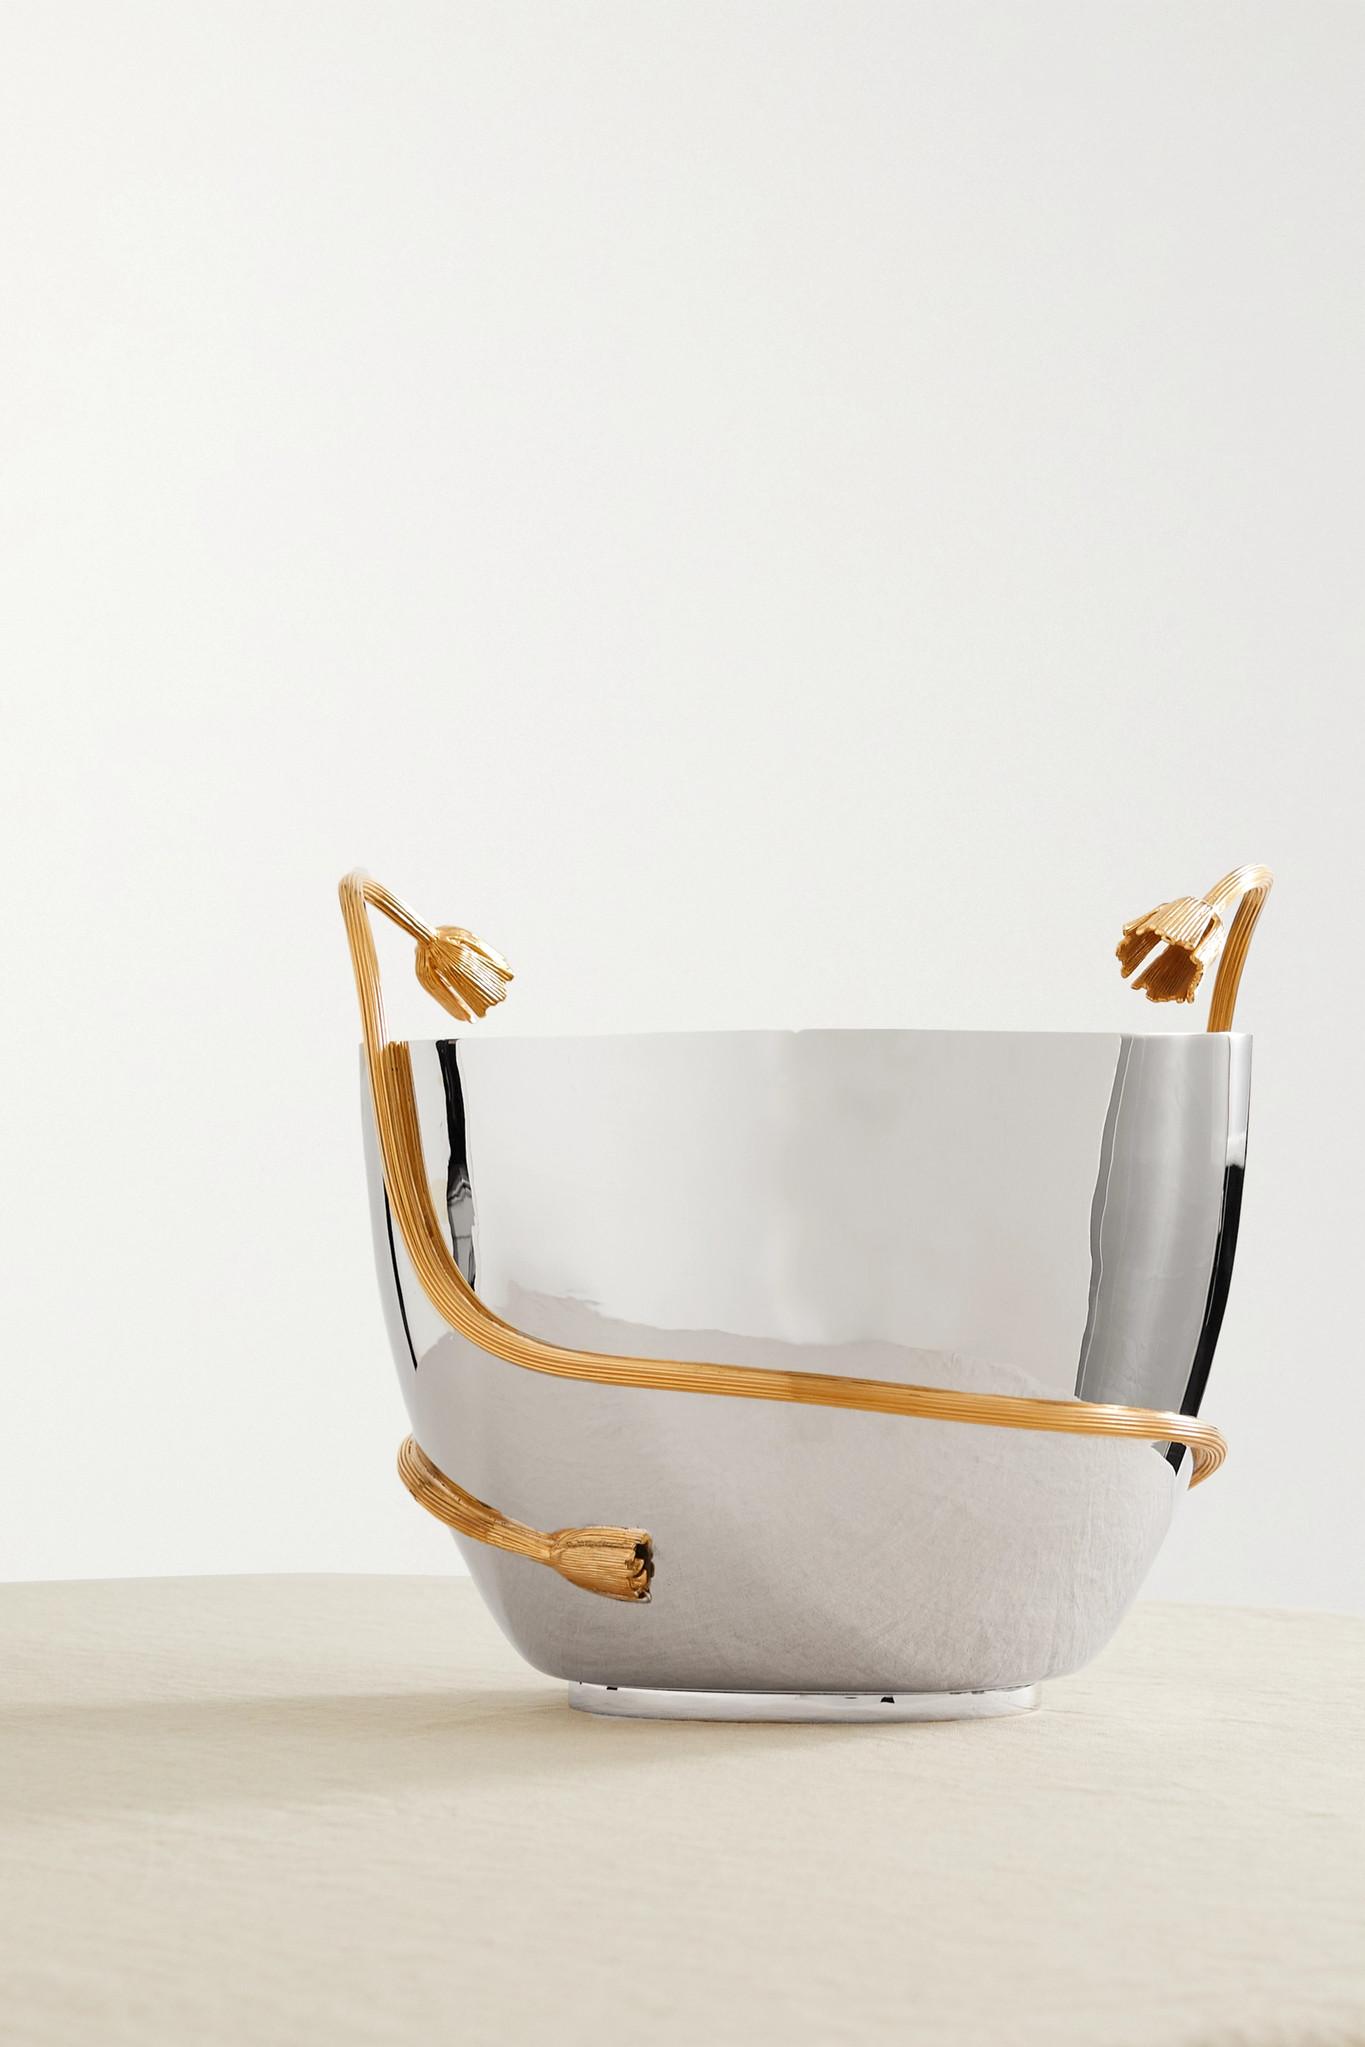 L'OBJET - Deco Leaves 镀金不锈钢香槟桶 - 银色 - one size